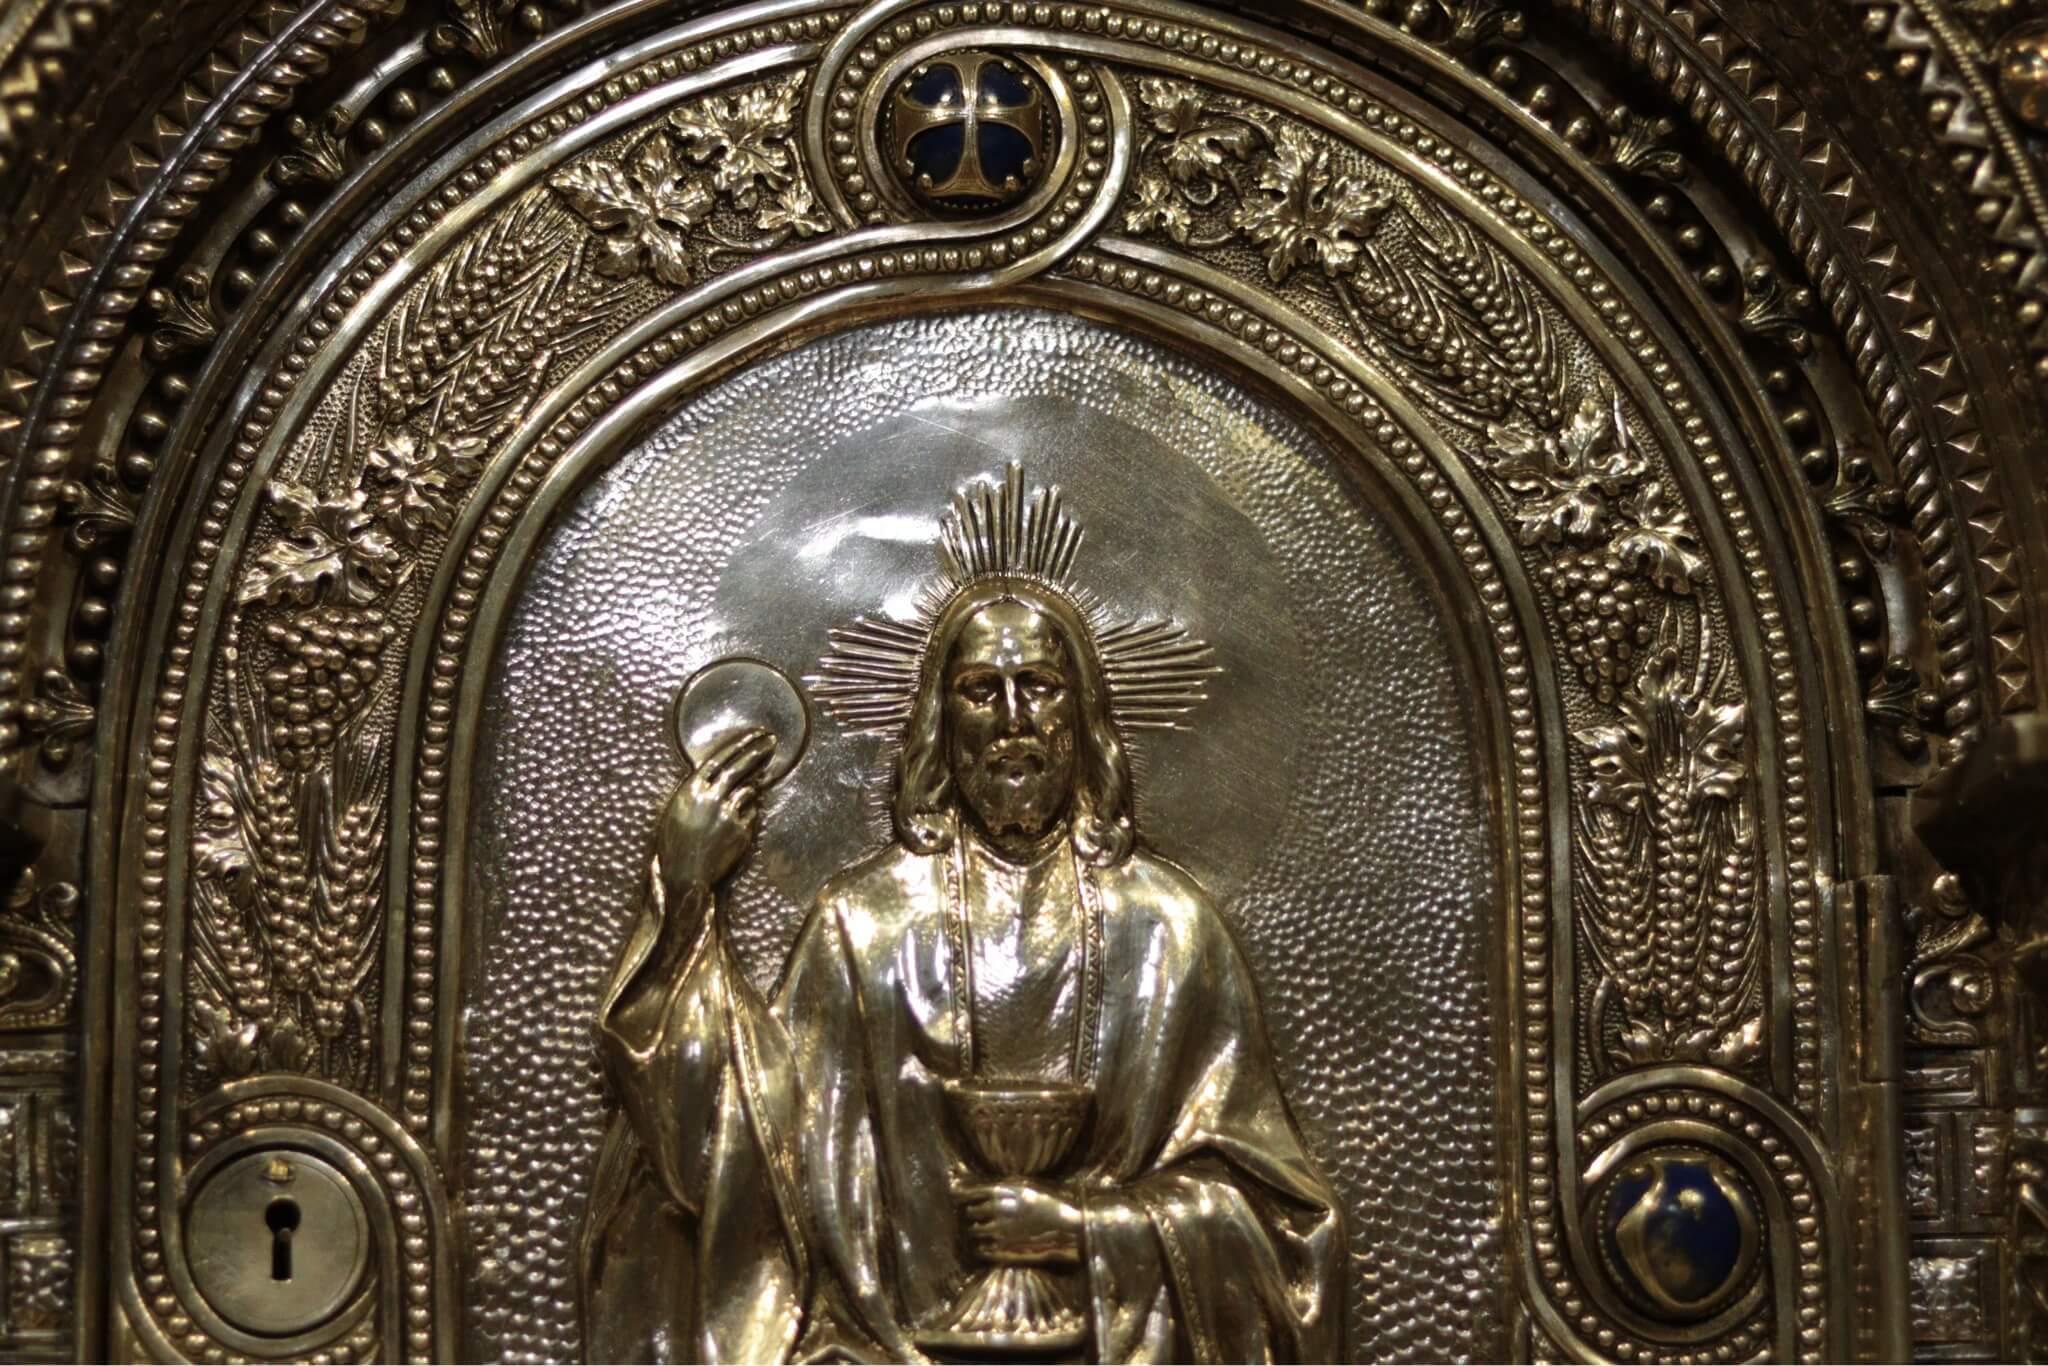 Comienzan en la Basílica los cursos de Teología para laicos